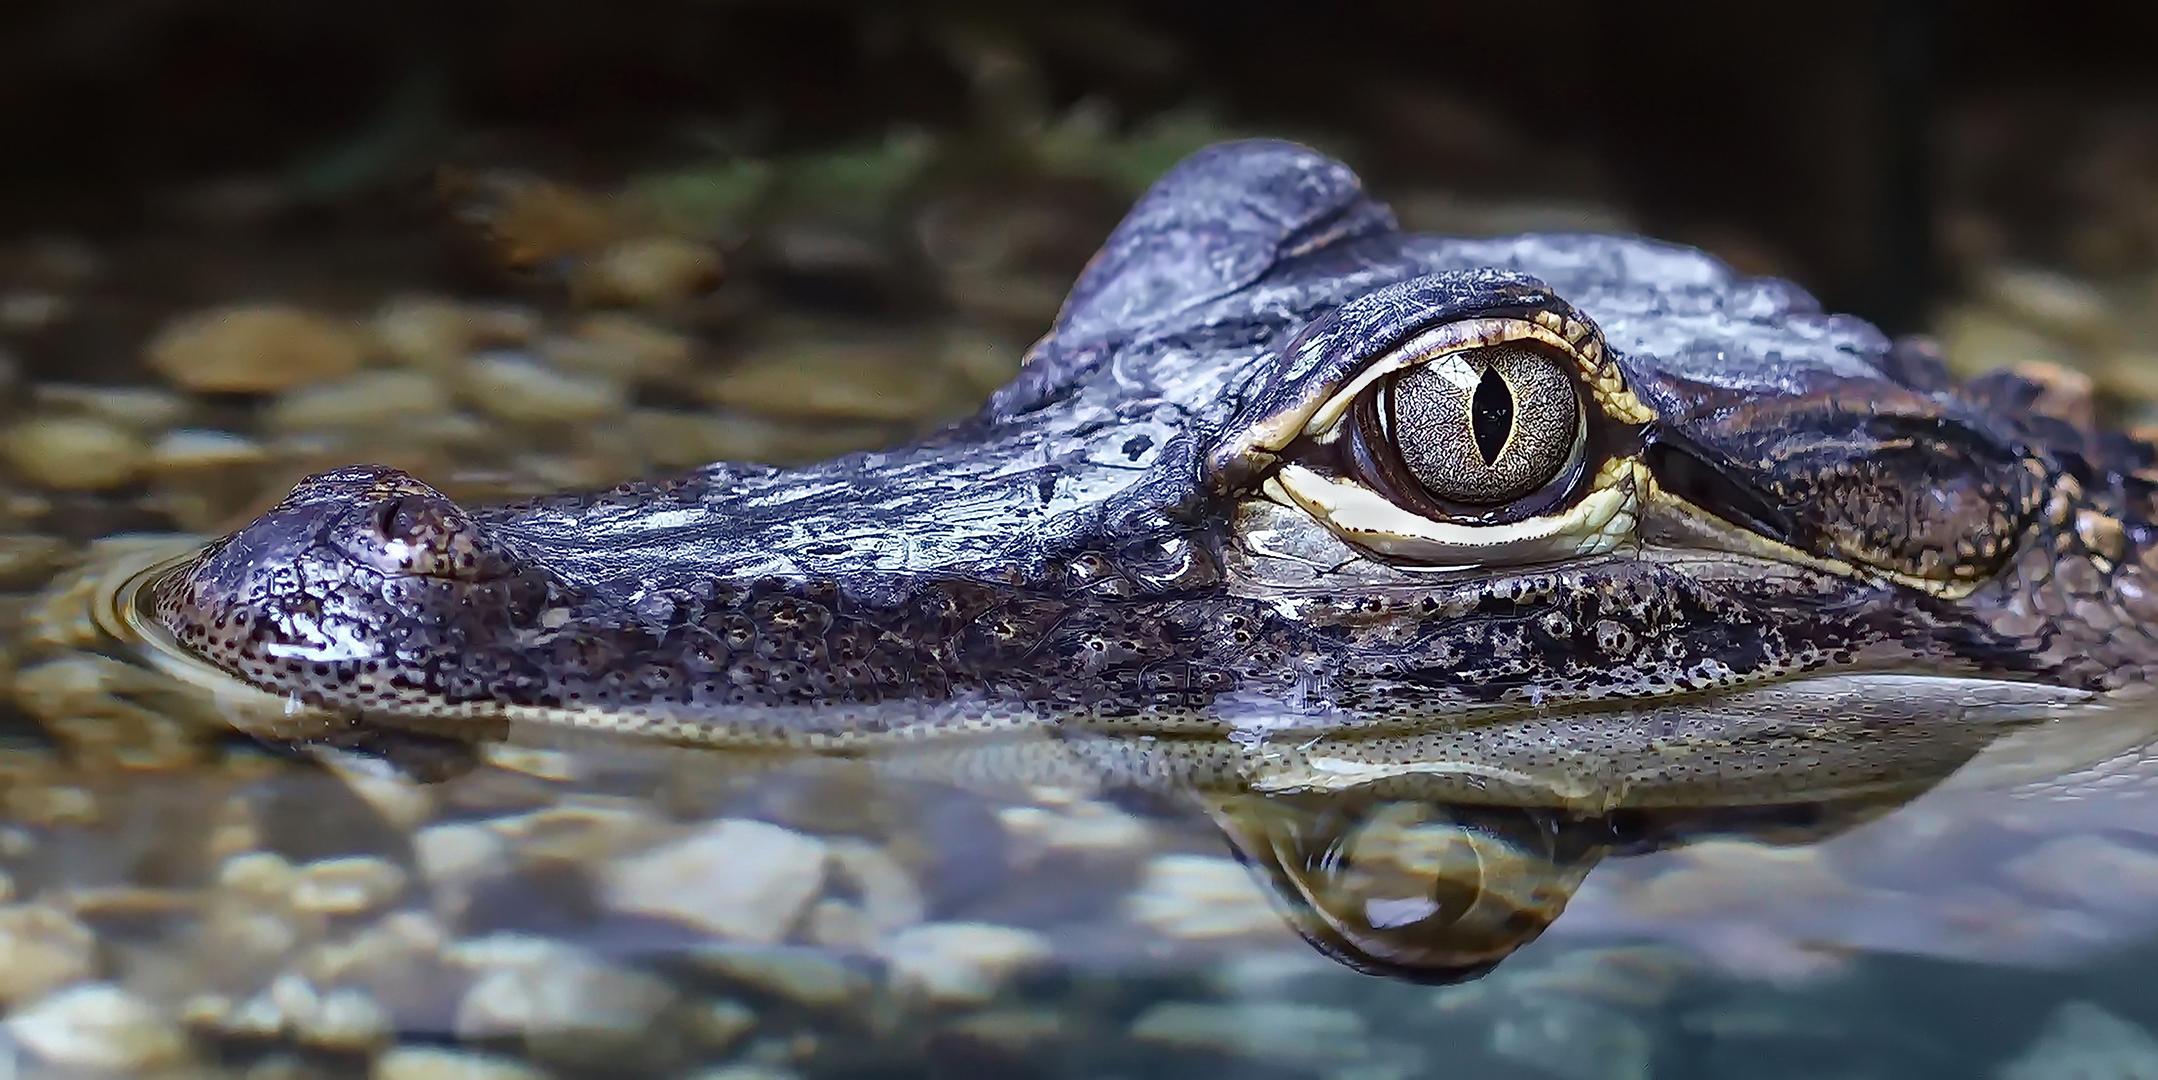 Krokodil Portrait